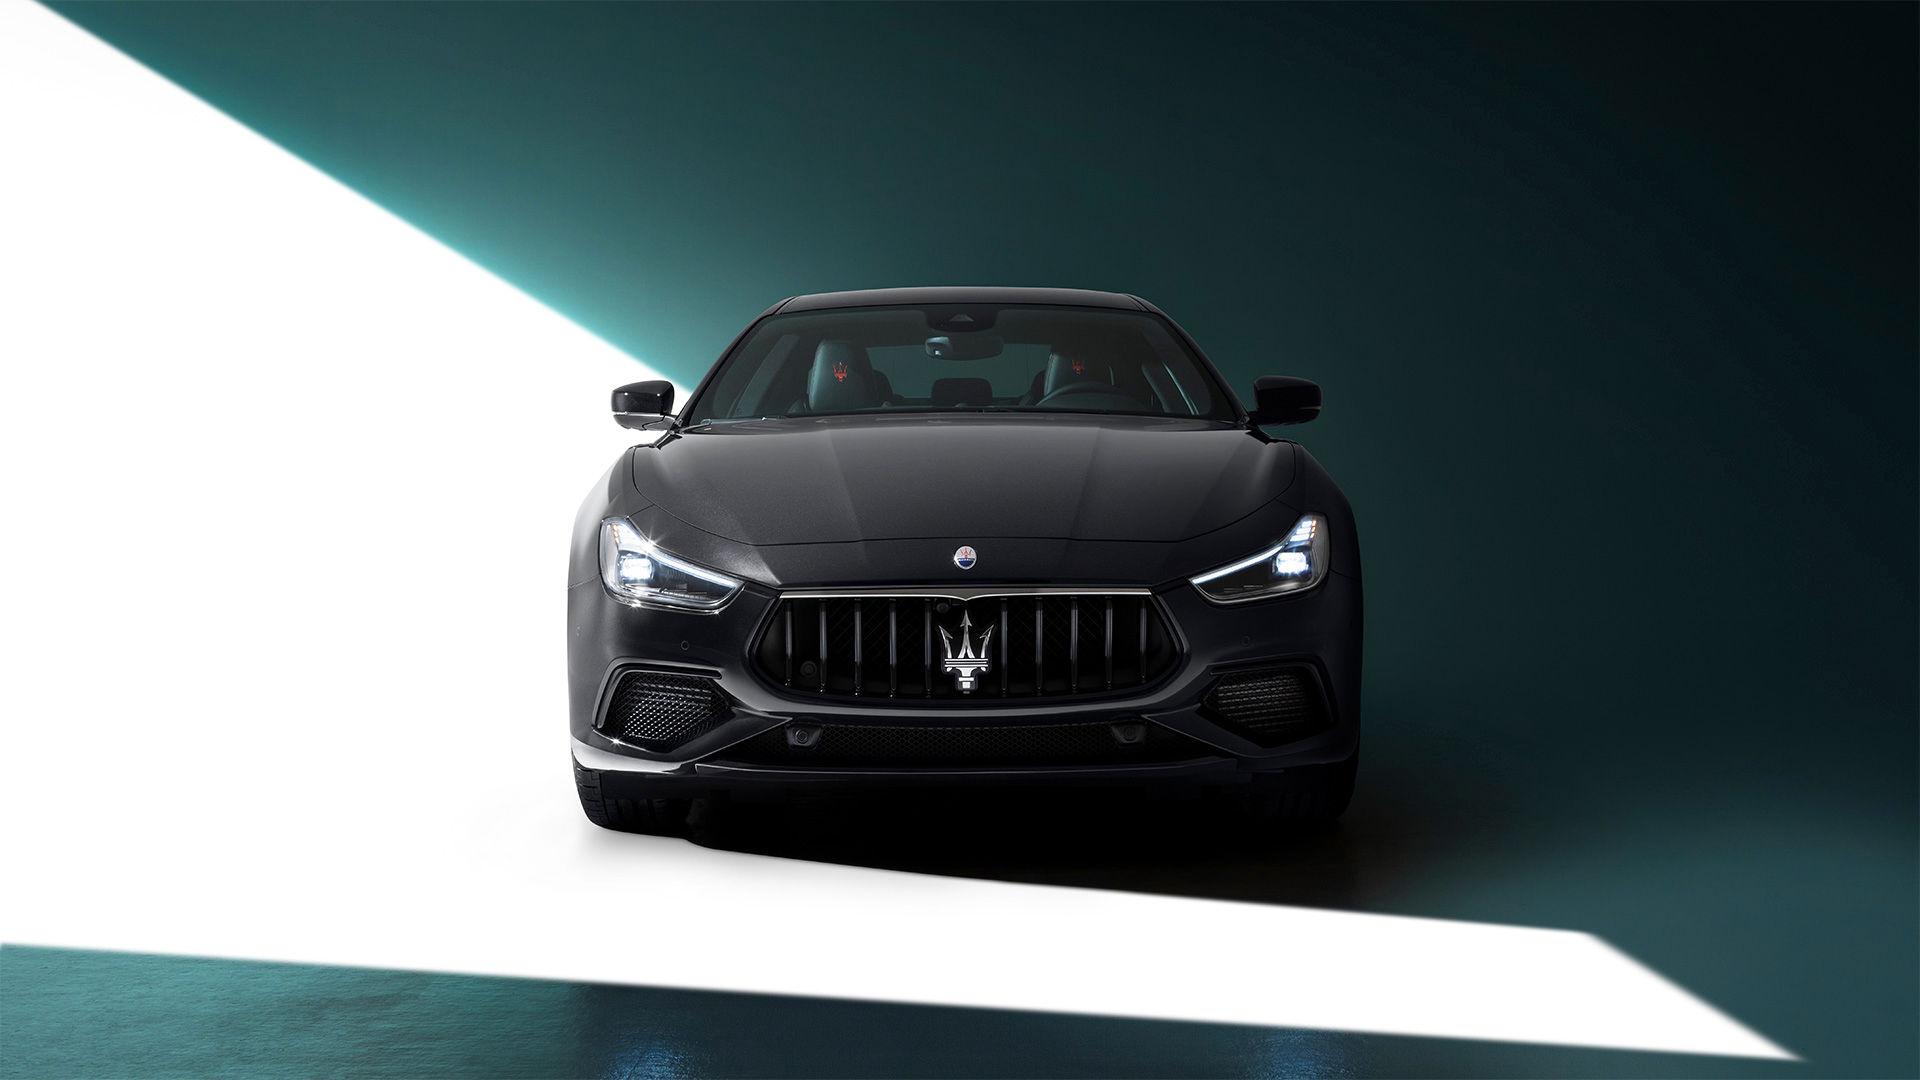 Maserati Ghibli - Schwarz - Frontansicht